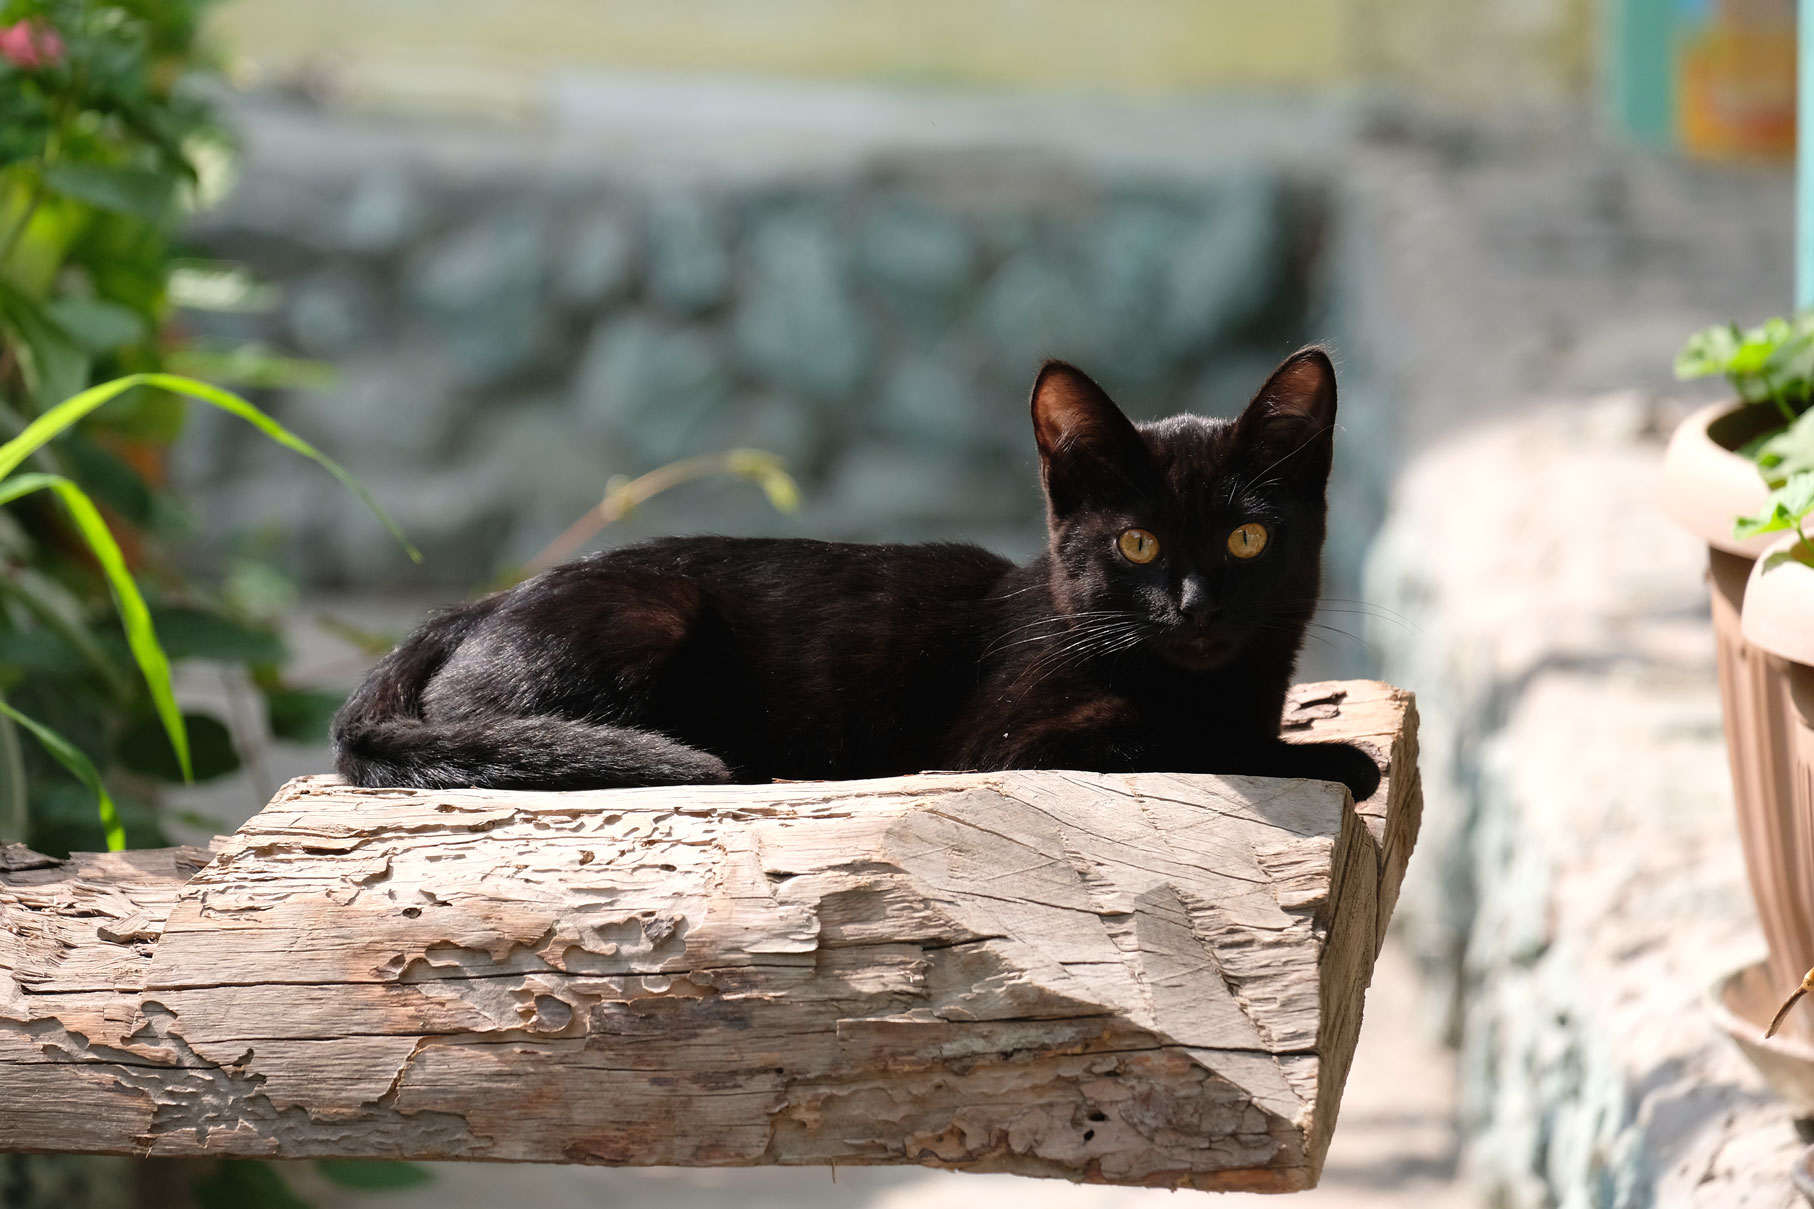 Ein schwarzes Kätzchen sitzt auf einem Holzstamm.